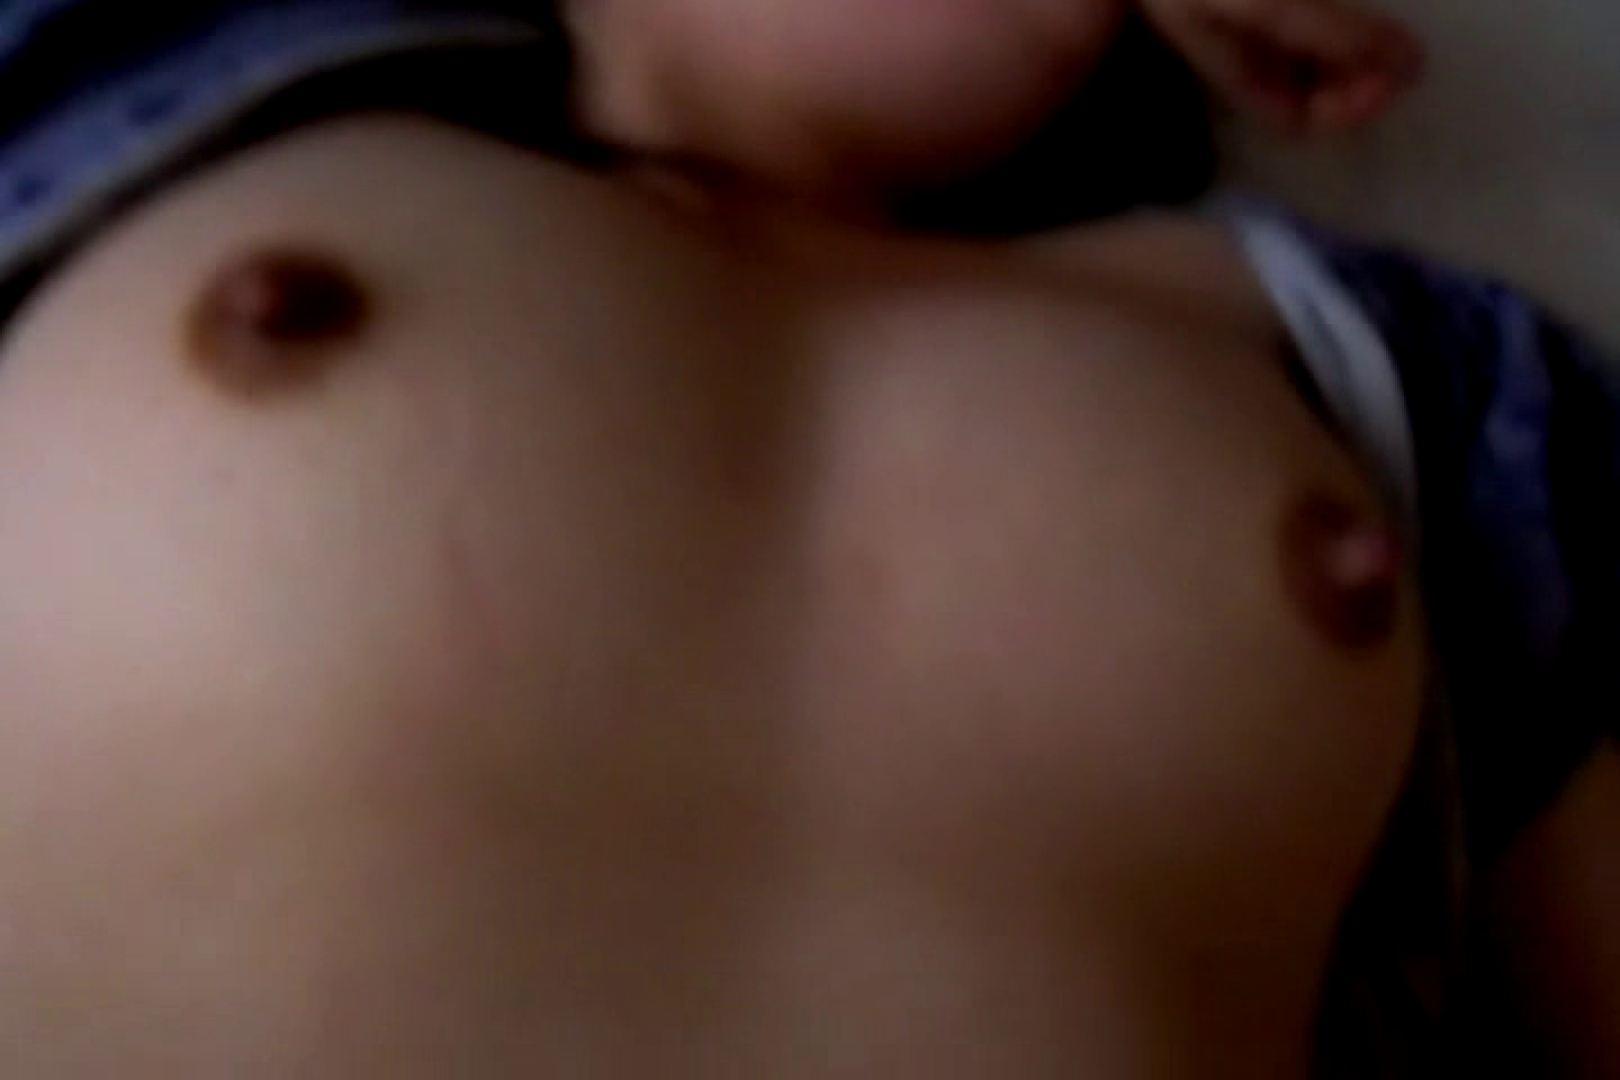 ウイルス流出 レオ&マンコのアルバム クンニ映像 ワレメ無修正動画無料 105pic 104